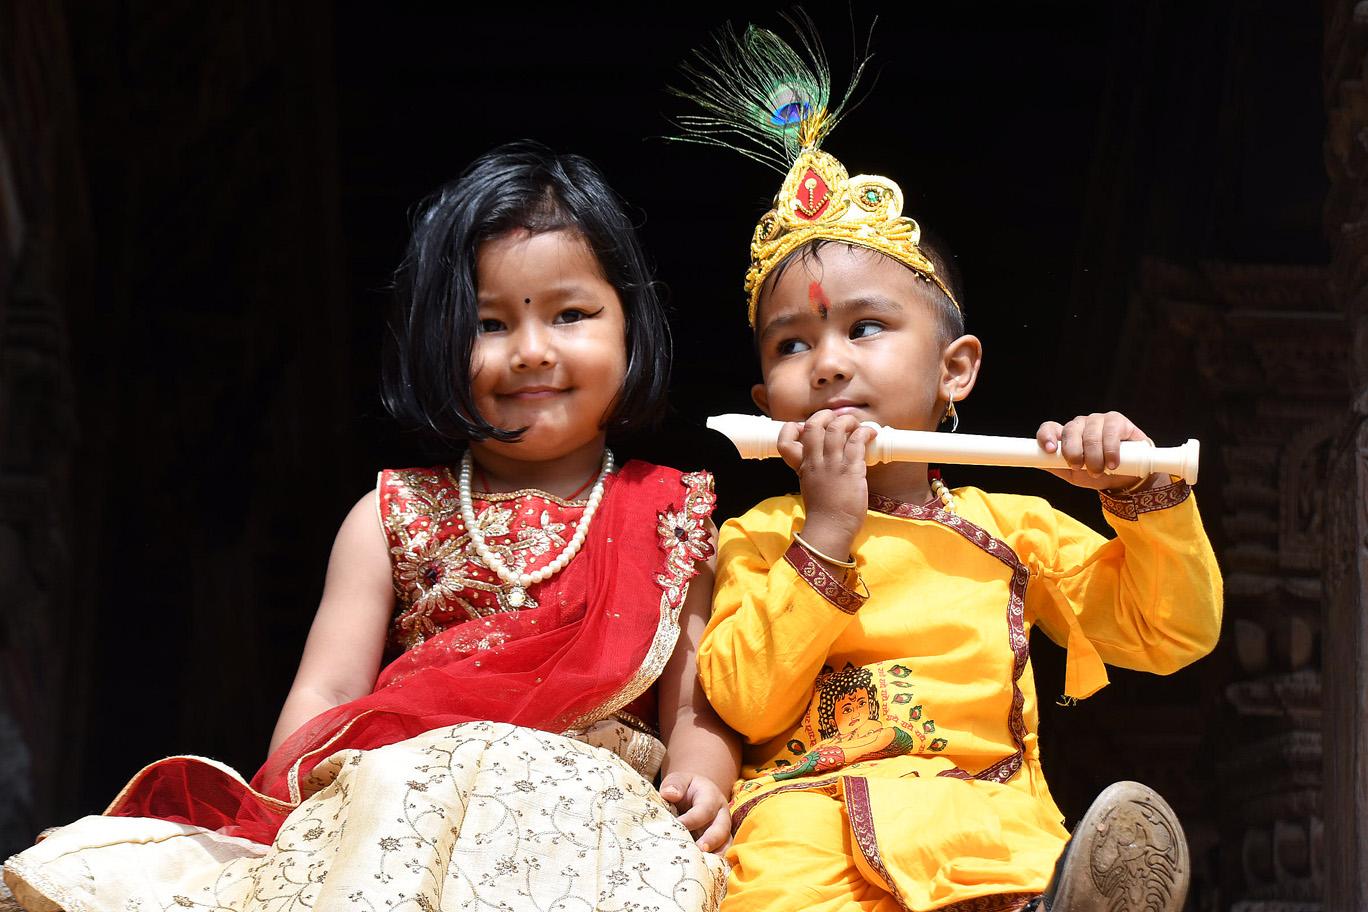 पाटनको कृष्ण मन्दिरमा जन्माष्टमीको रौनक